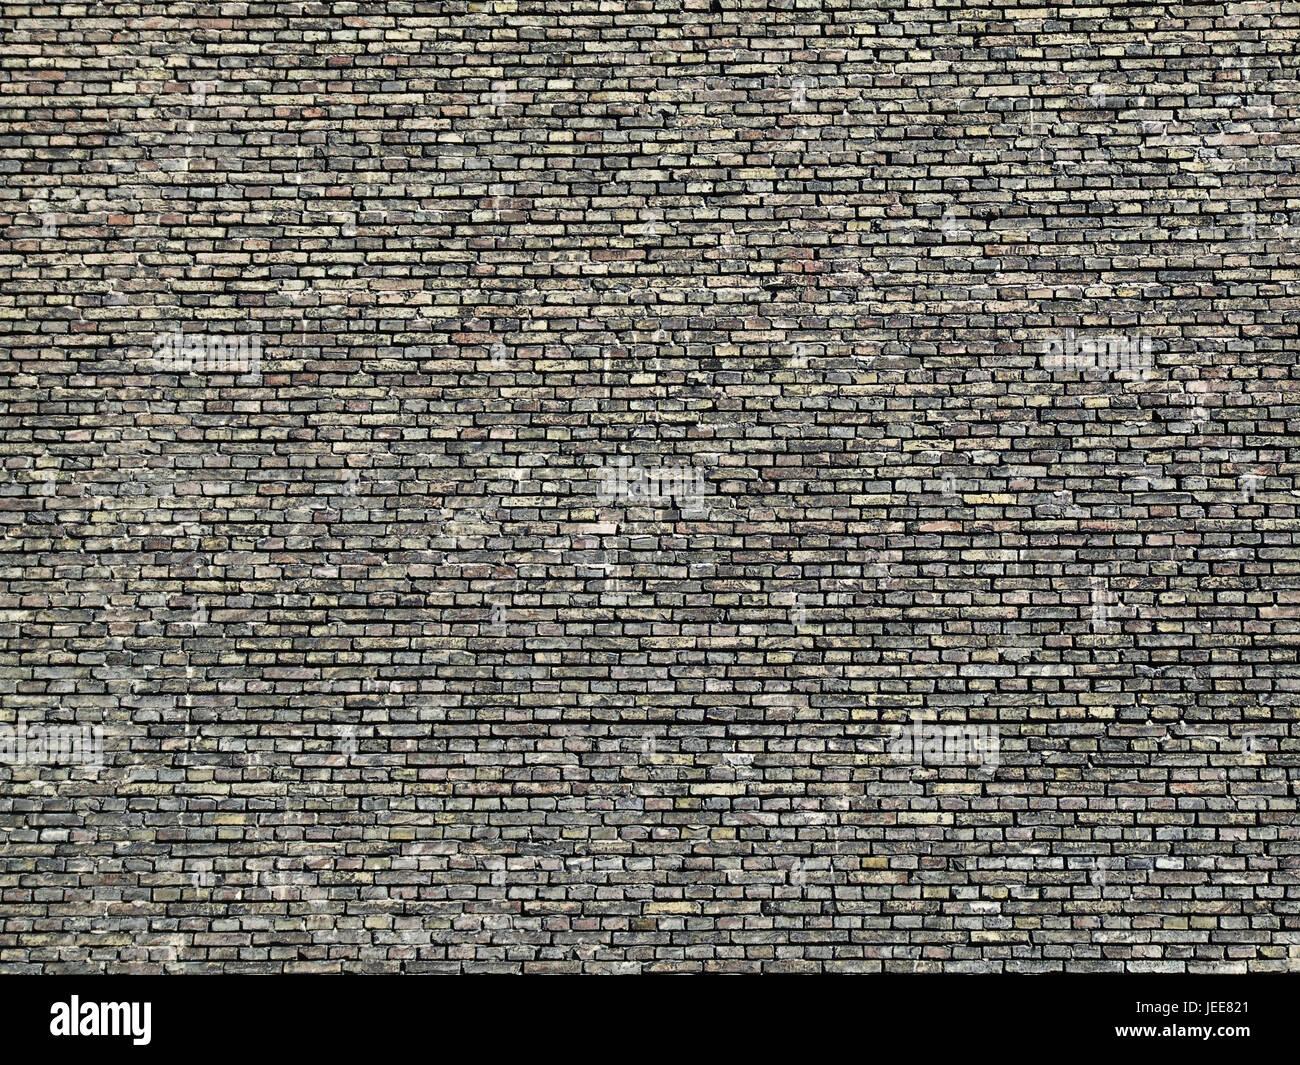 In mattoni rossi muro difensivo, dettaglio, mura difensive, rosso, mattoni, mattoni muraglia difensiva, architettura, Immagini Stock